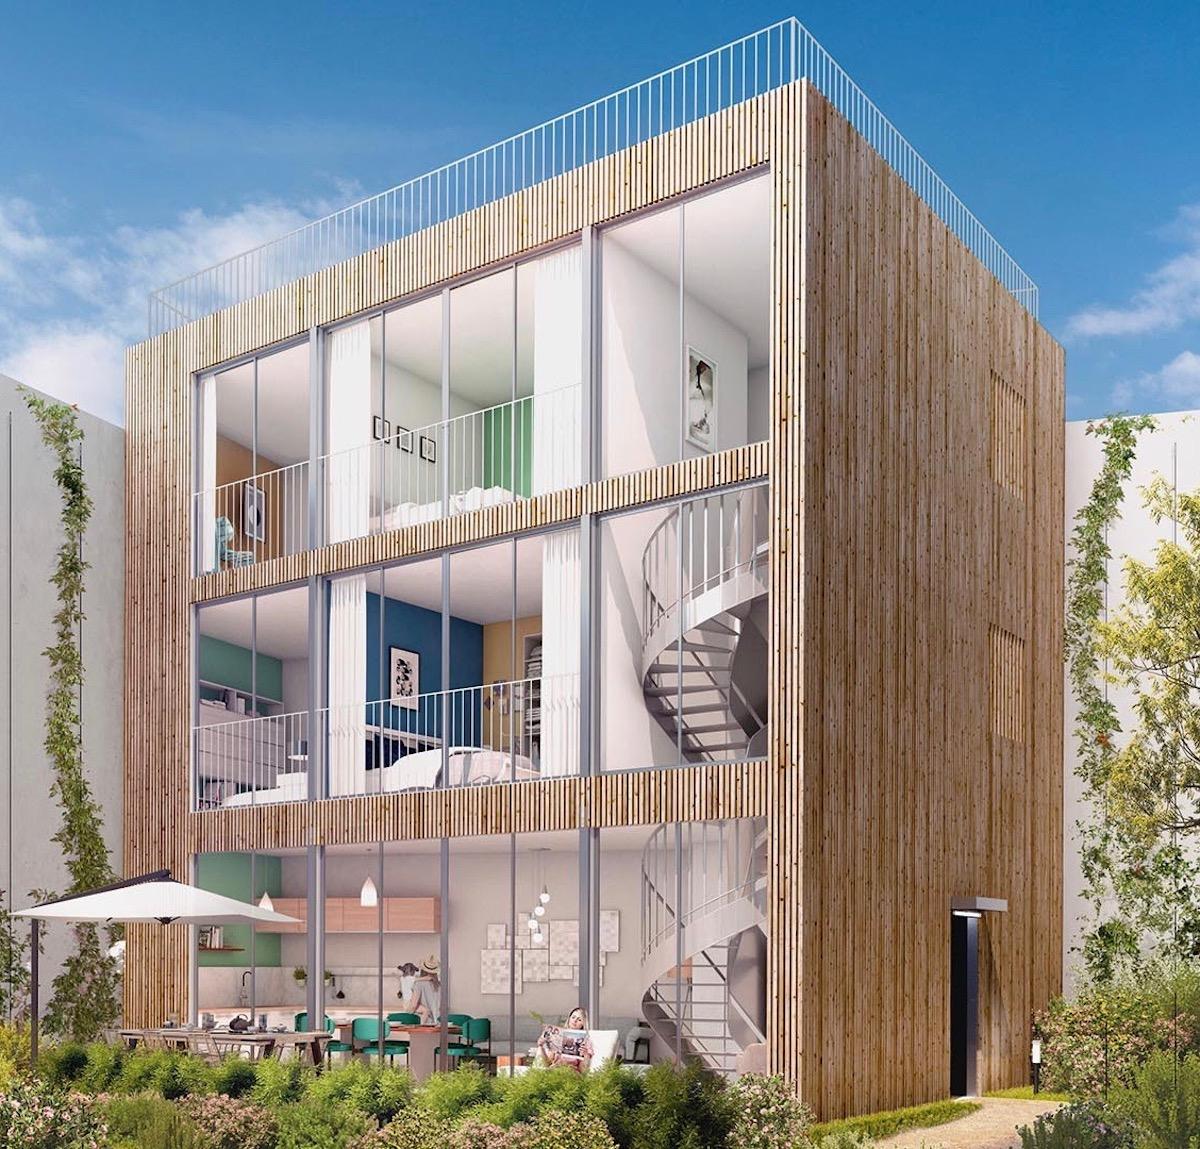 bois design maison de ville paris avis sur cogedim montmartre